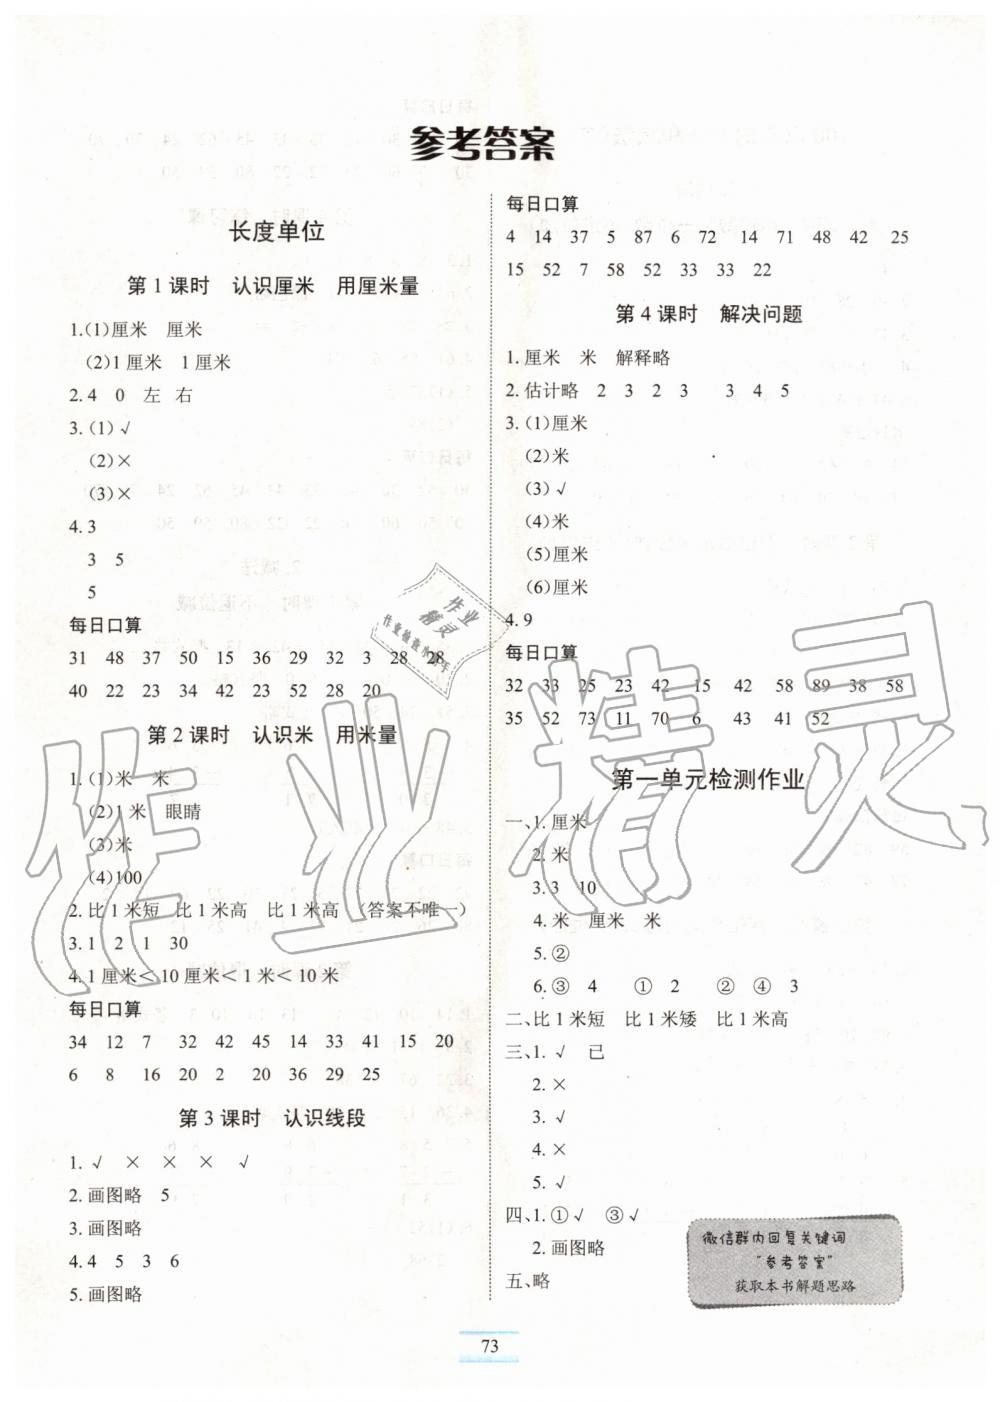 2019年长江全能学案优质课堂课堂作业二年级数学上册人教版第1页